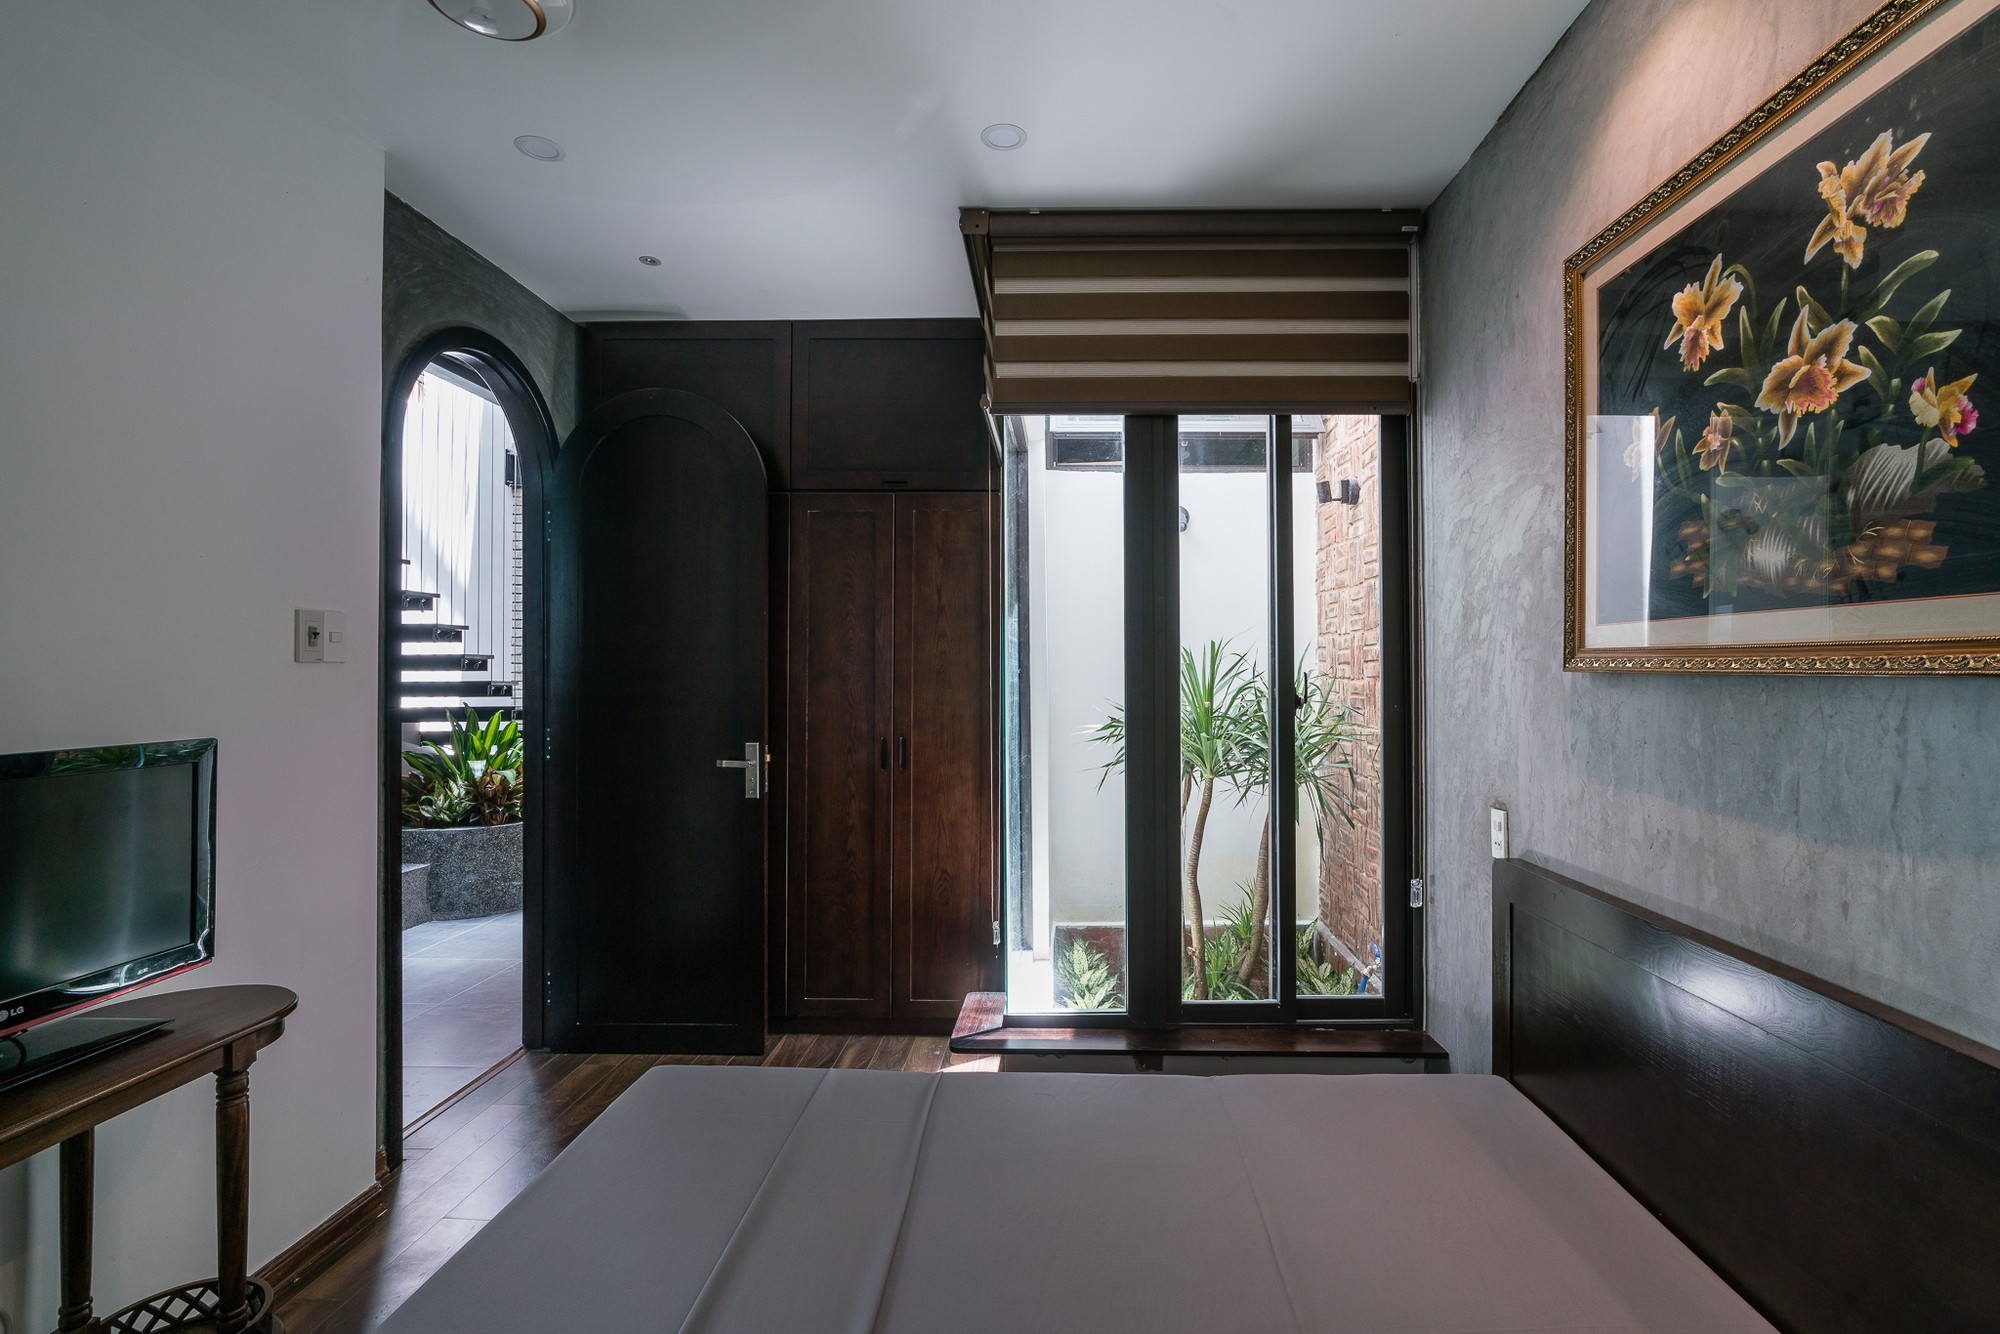 Ngôi nhà gạch 2 tầng của cặp vợ chồng già ở Đà Nẵng được tạp chí Mỹ xuýt xoa khen ngợi - Ảnh 14.